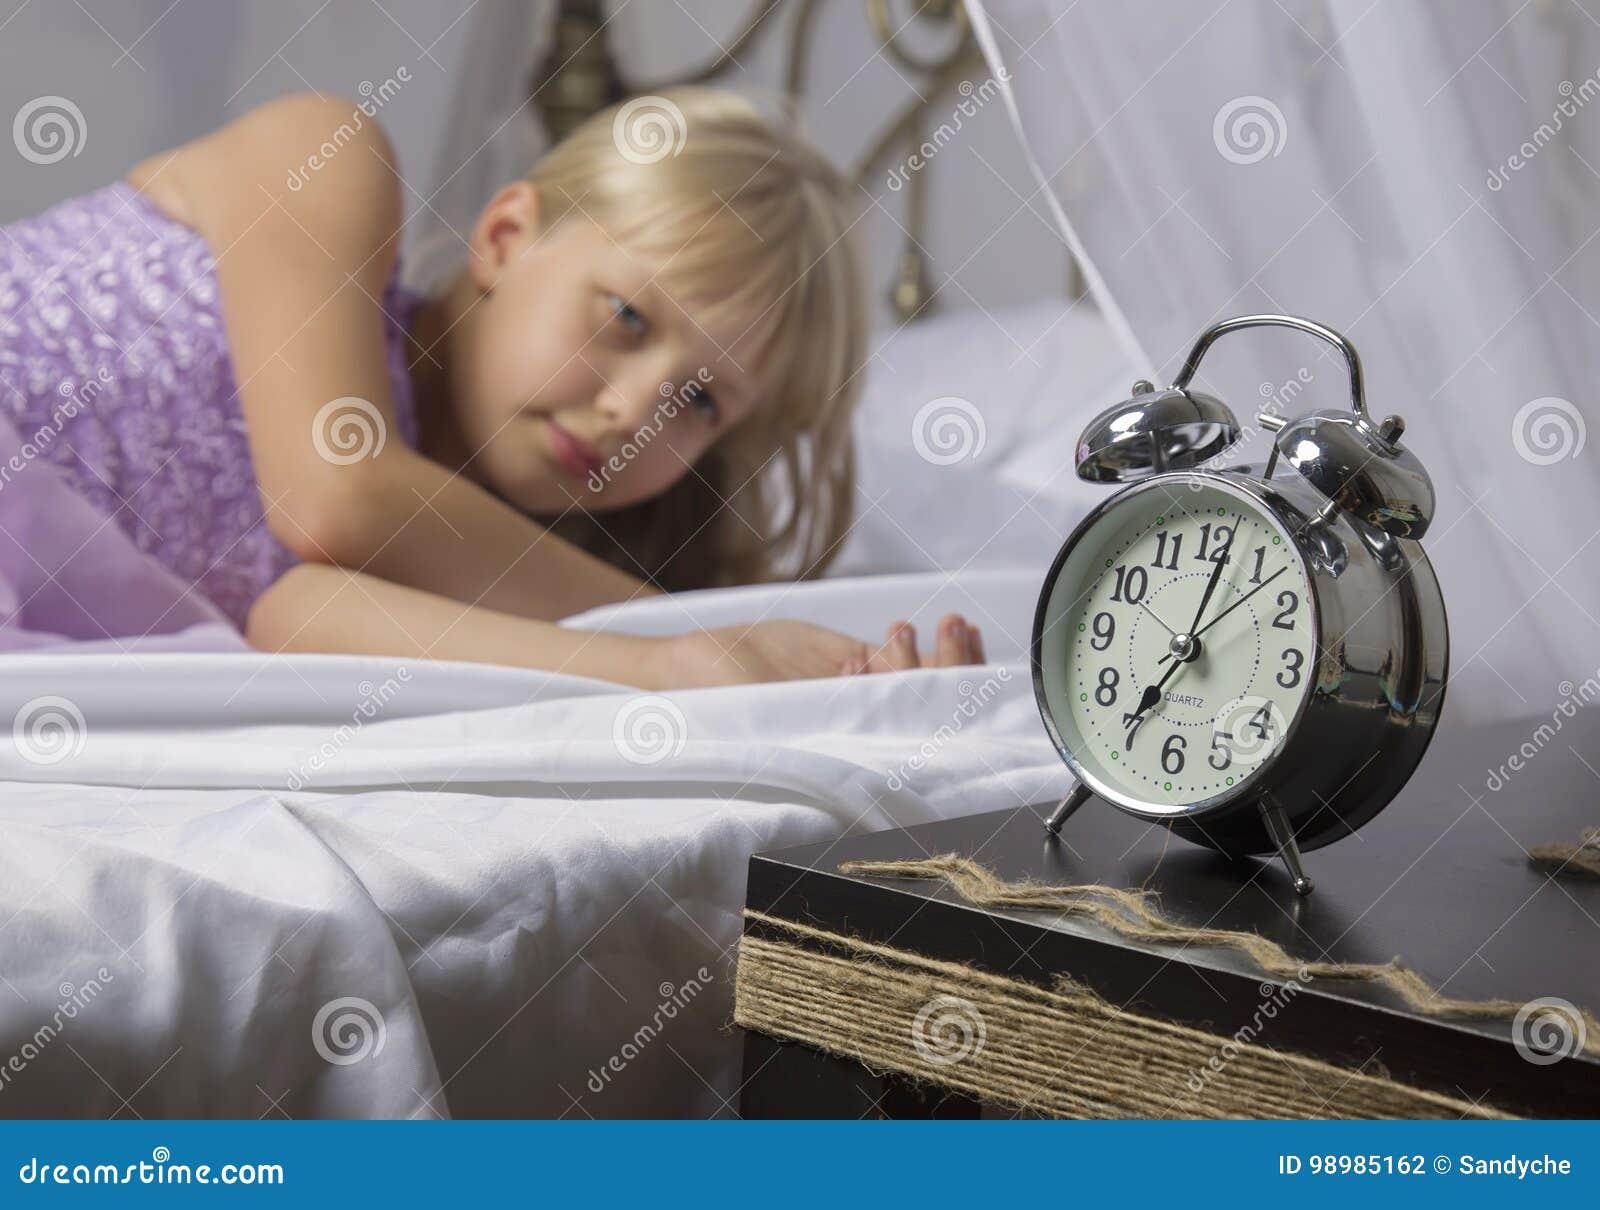 及早唤醒 停止在一张床上的醒一个睡着的女孩闹钟早晨